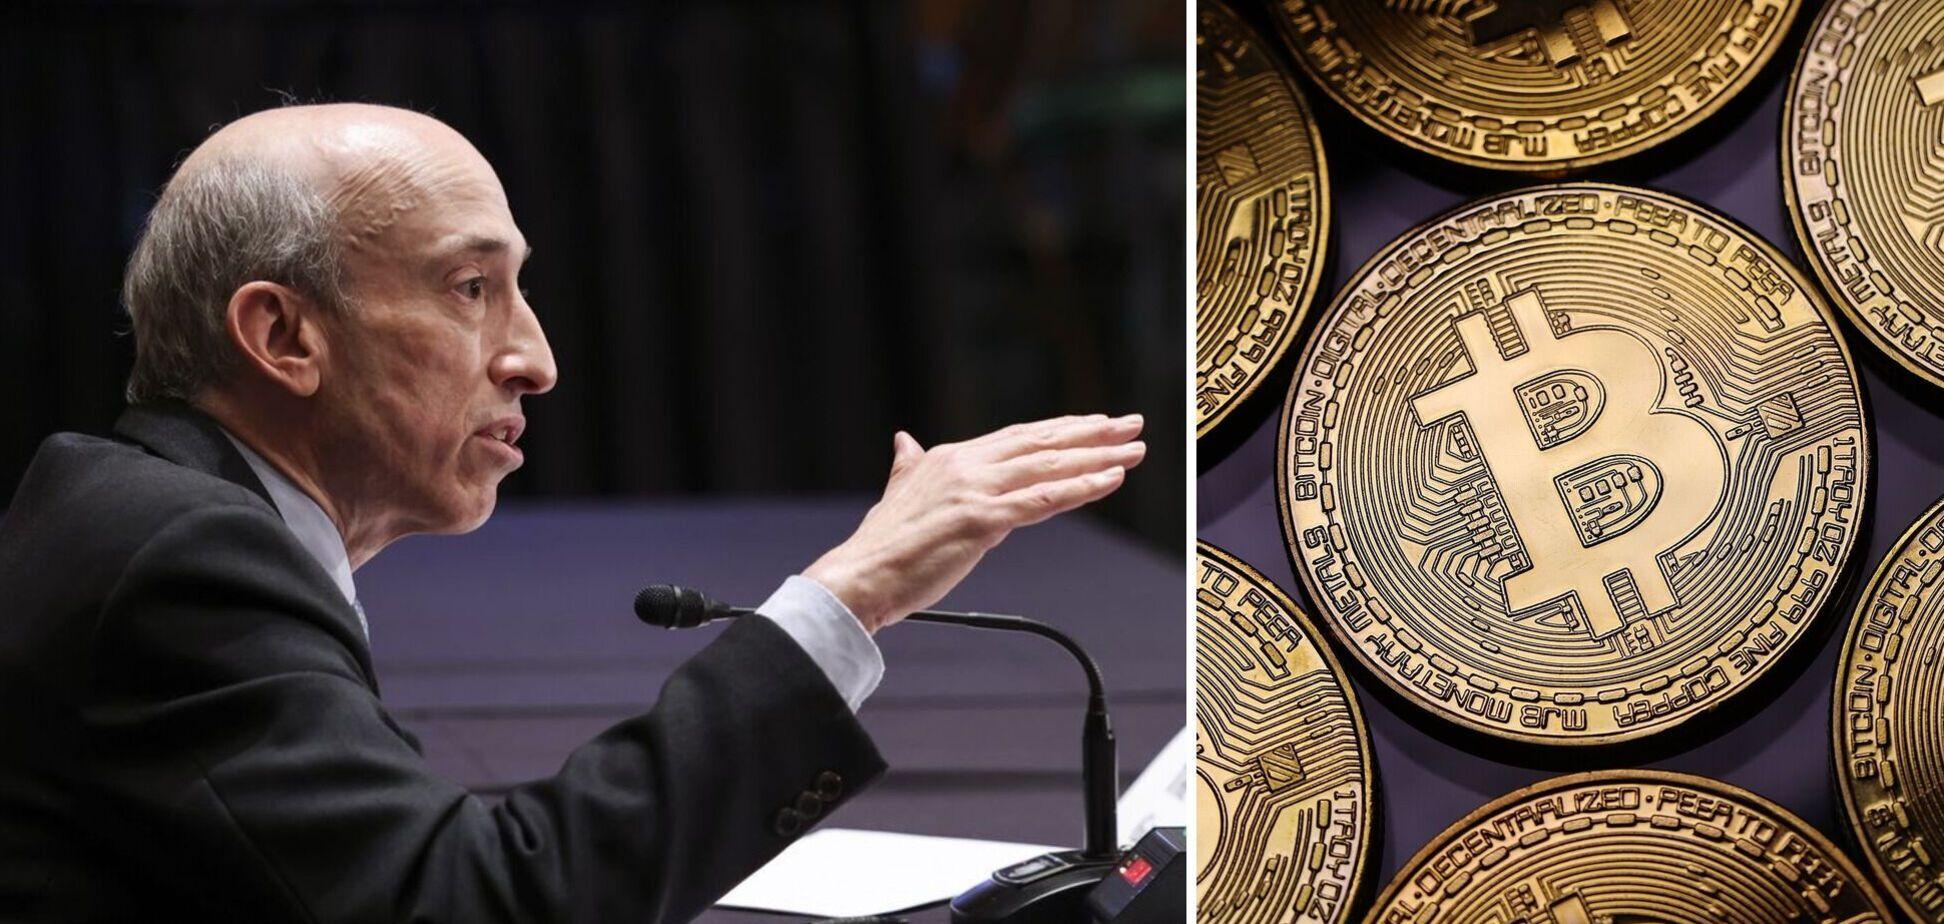 Генслер розповів про регулювання крипторинку в США